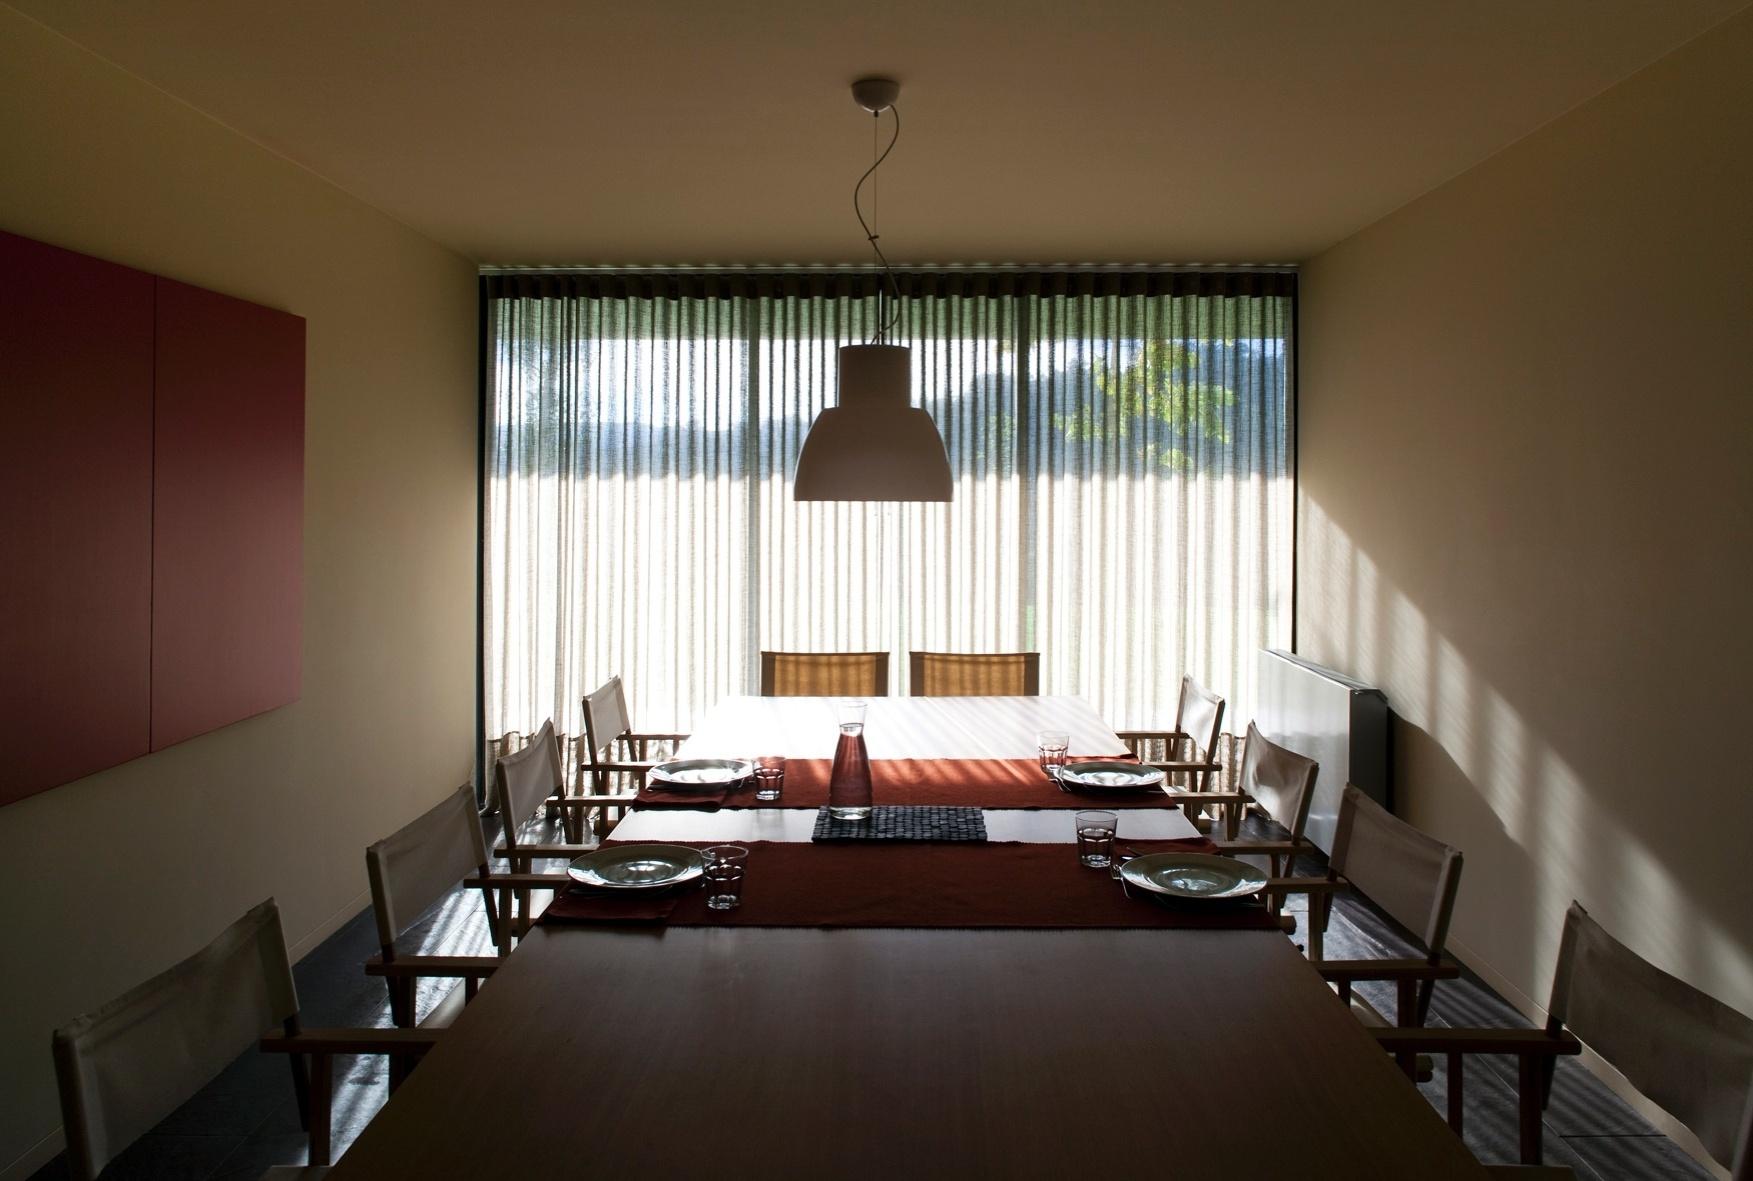 Os interiores da RF House são marcados por entradas abundantes de luz e mobiliário sóbrio. Isso se evidencia, entre outros ambientes, na sala de jantar. A casa foi projetada pelo arquiteto português Nuno Graça Moura